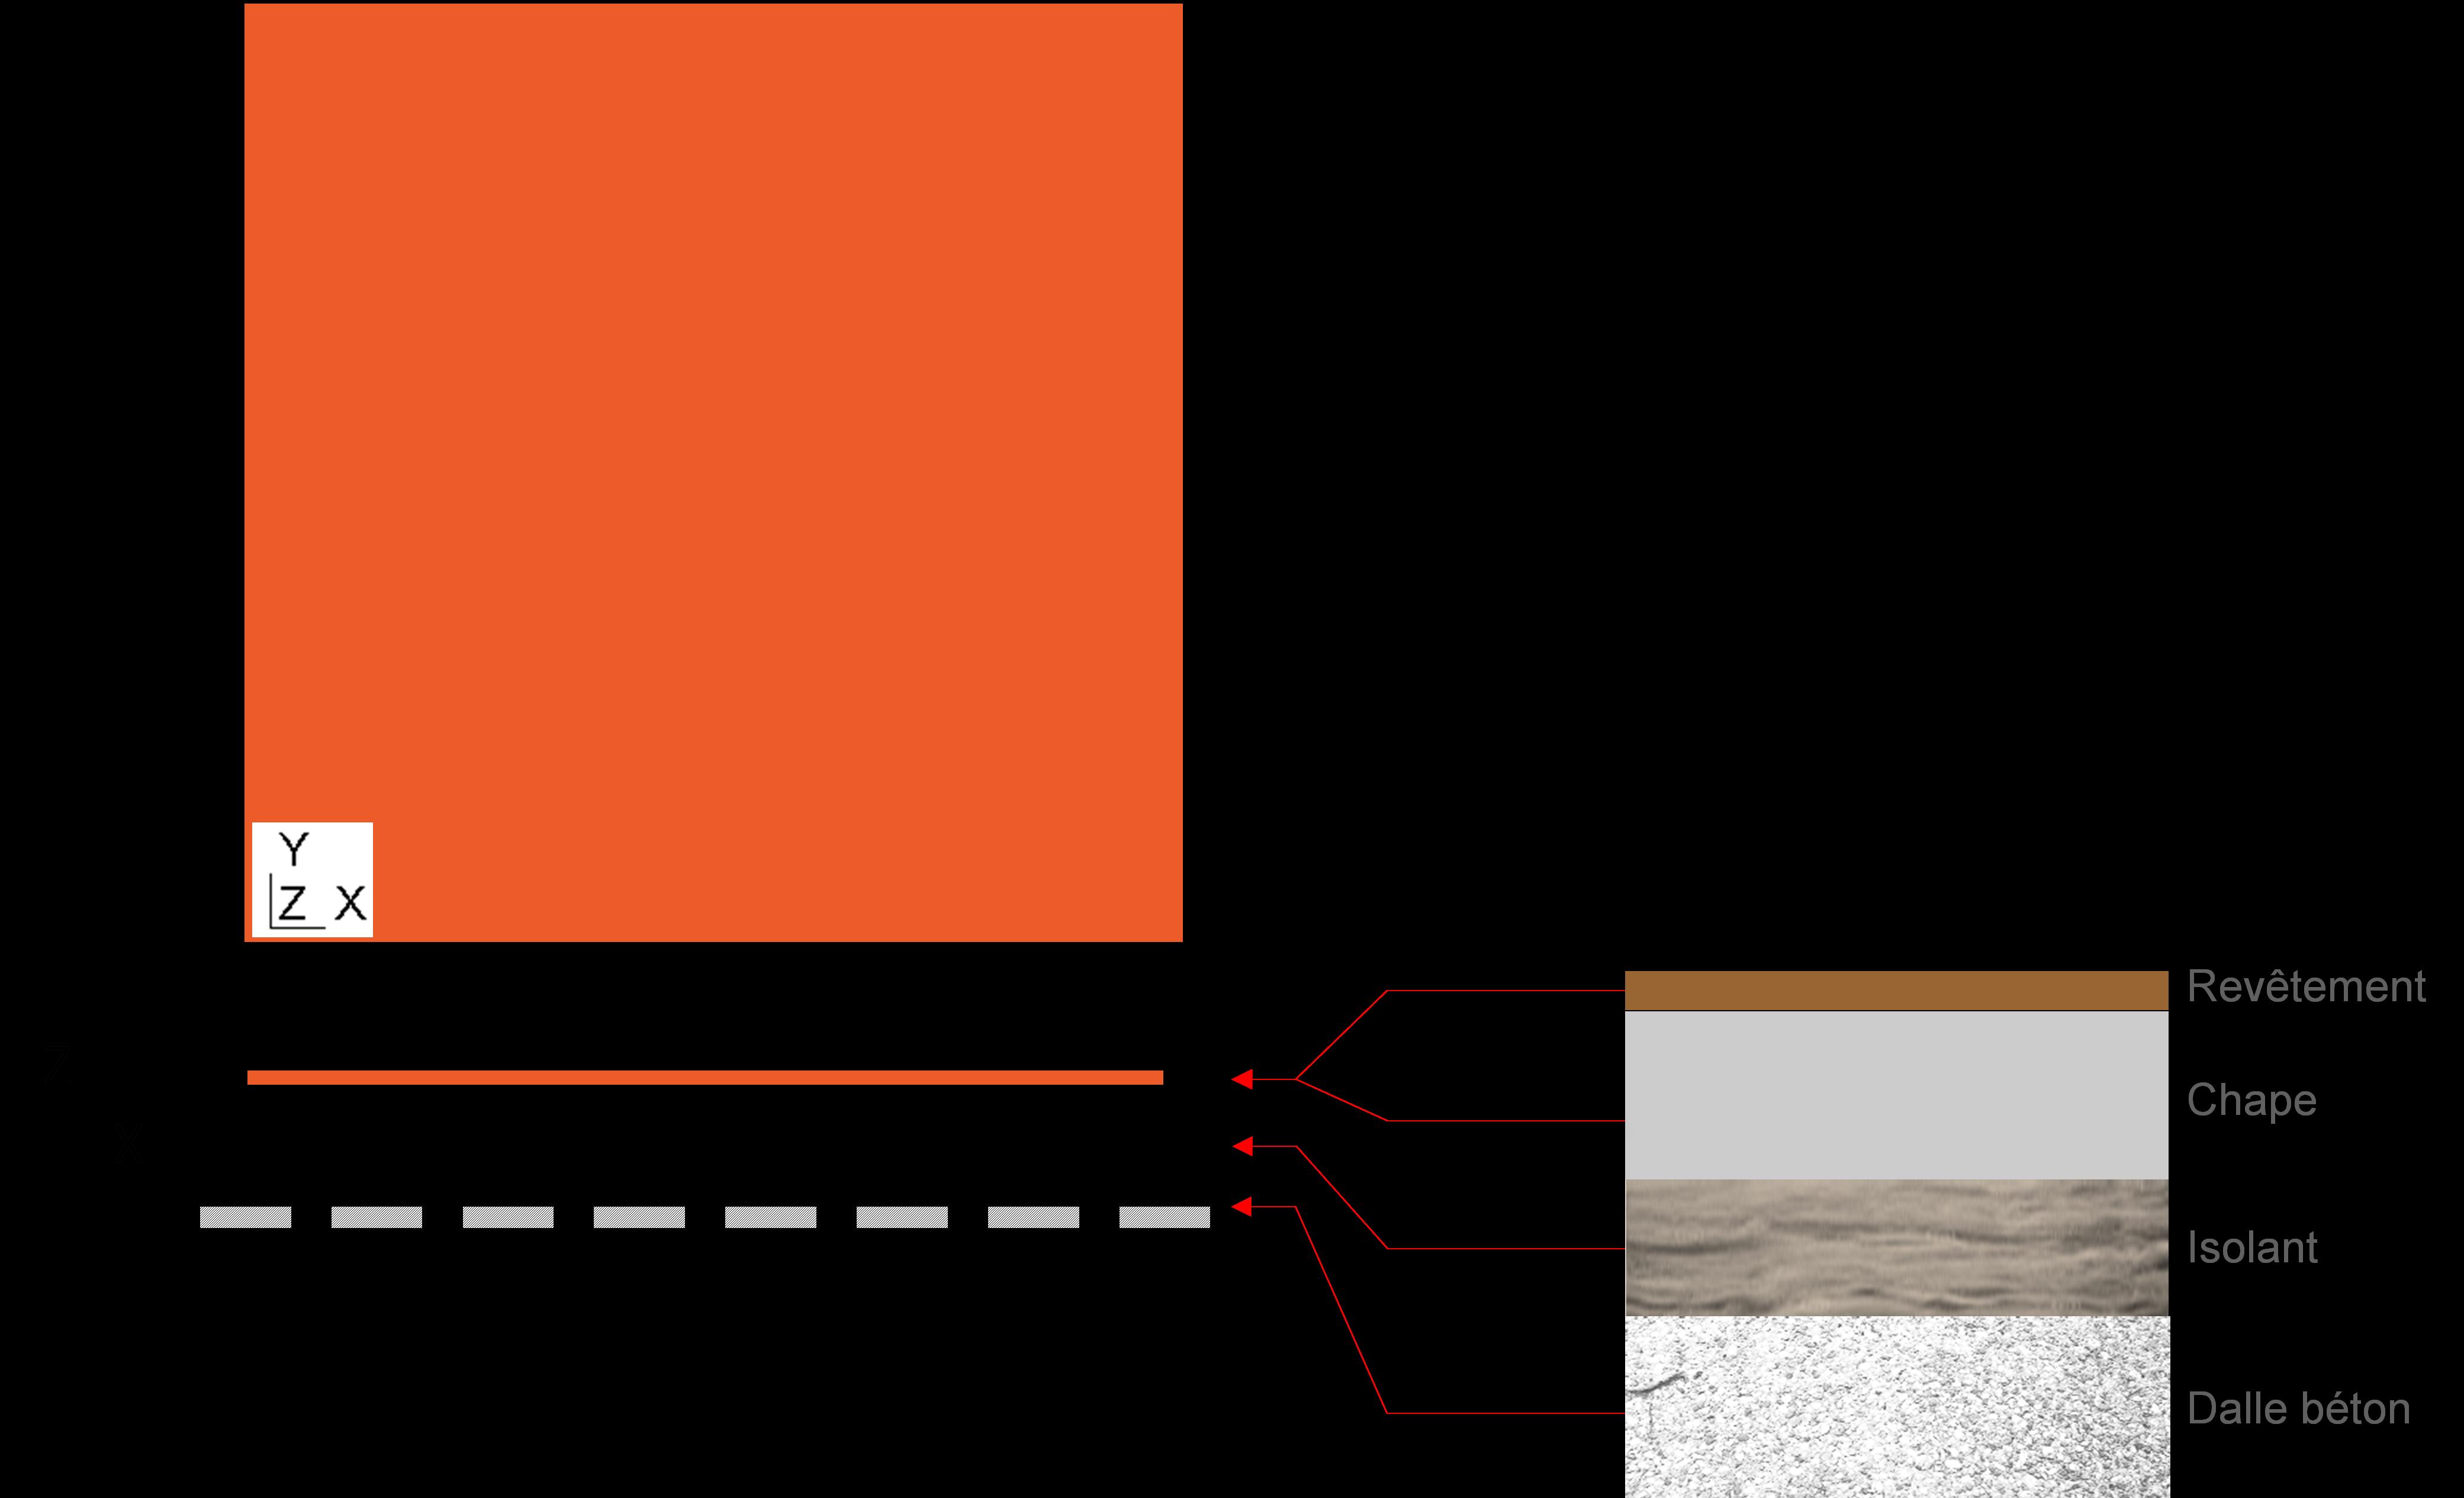 Description du modèle mécanique